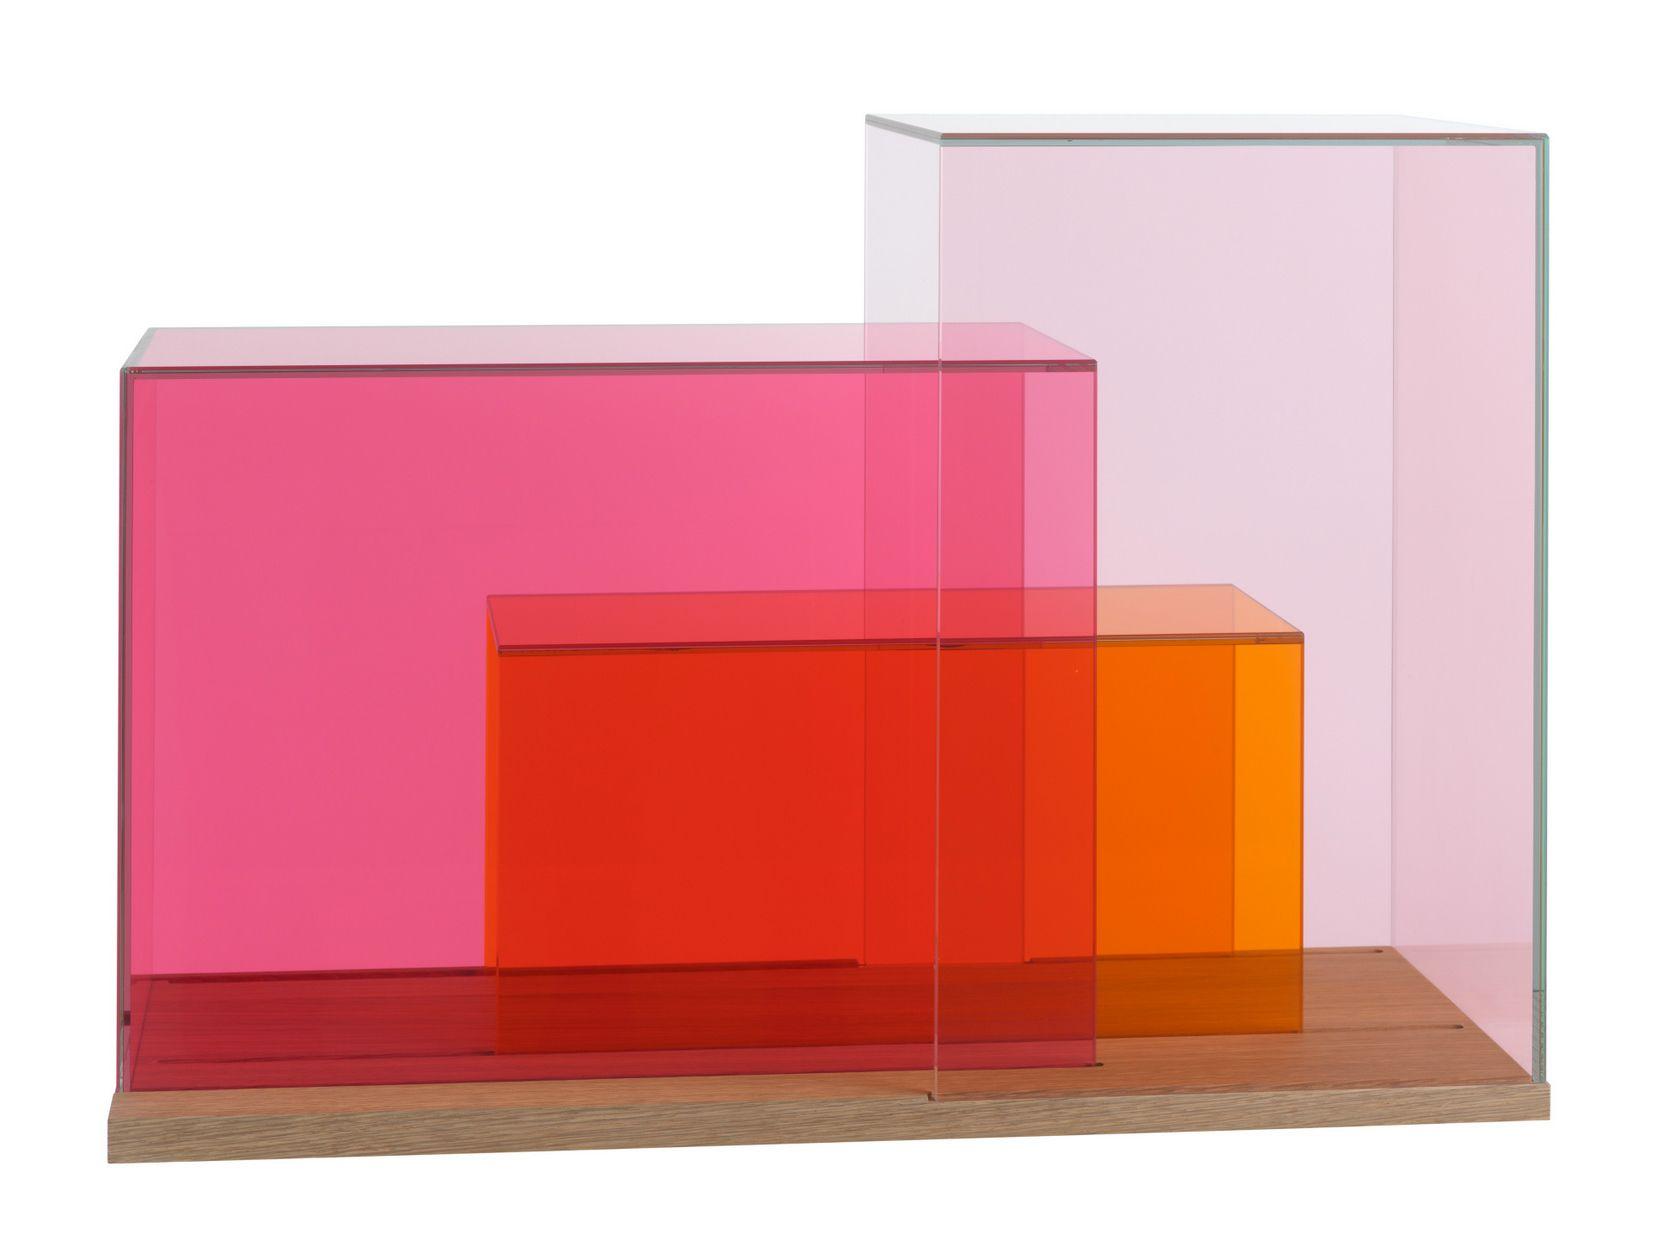 Meuble de rangement en verre show case by sch nbuch - Meuble rangement verre ...